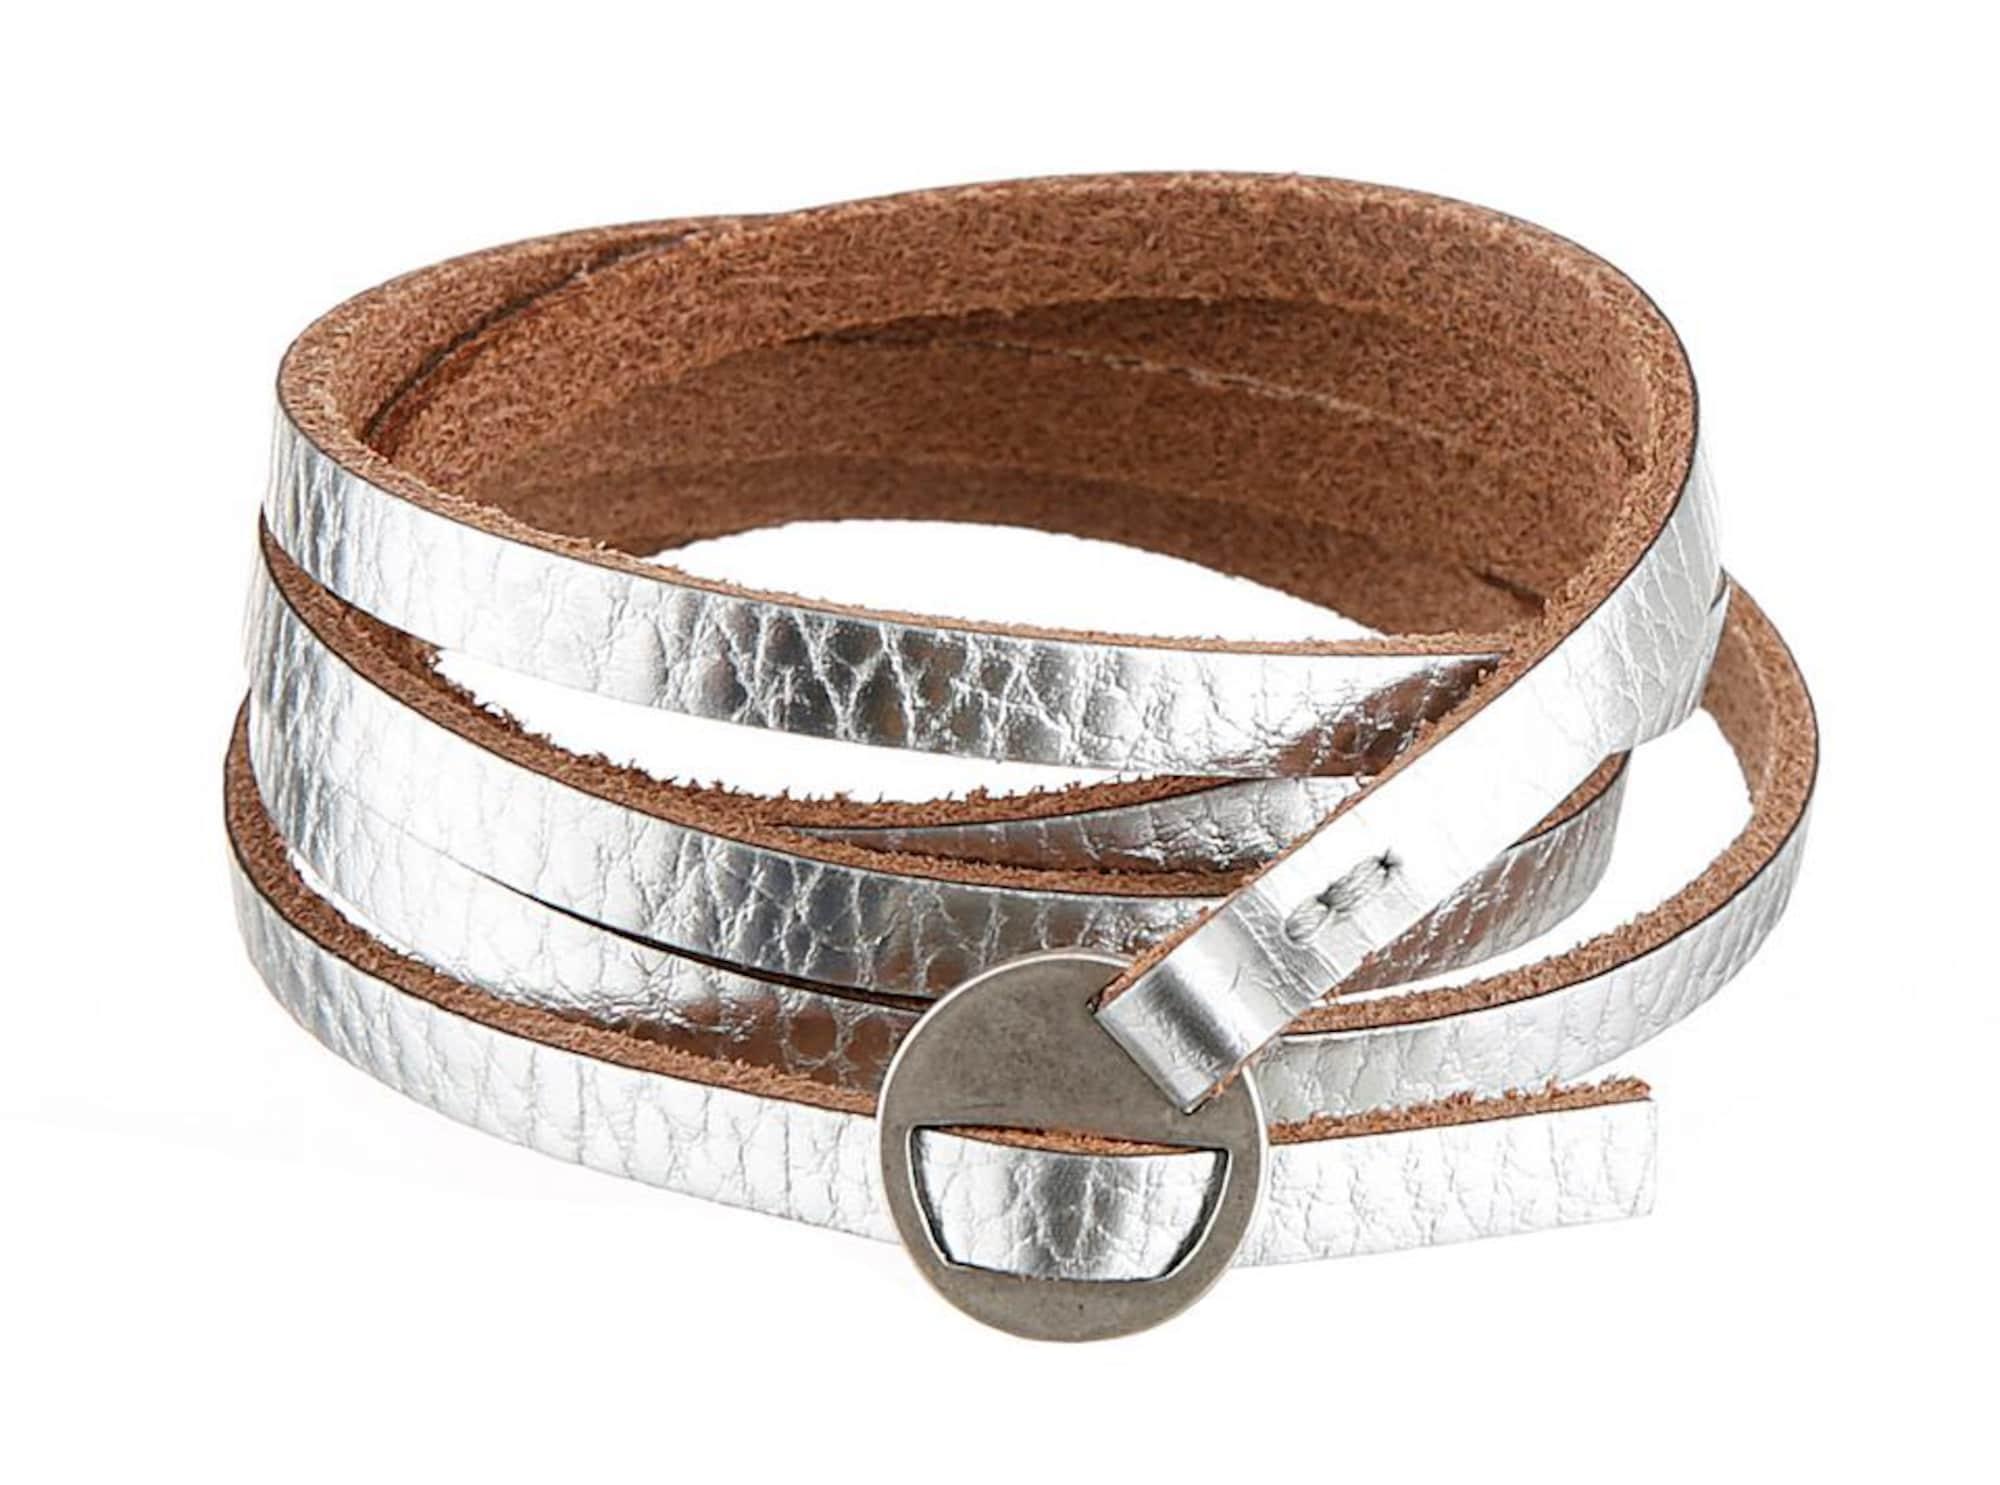 Lederarmband | Schmuck > Armbänder > Lederarmbänder | J. Jayz